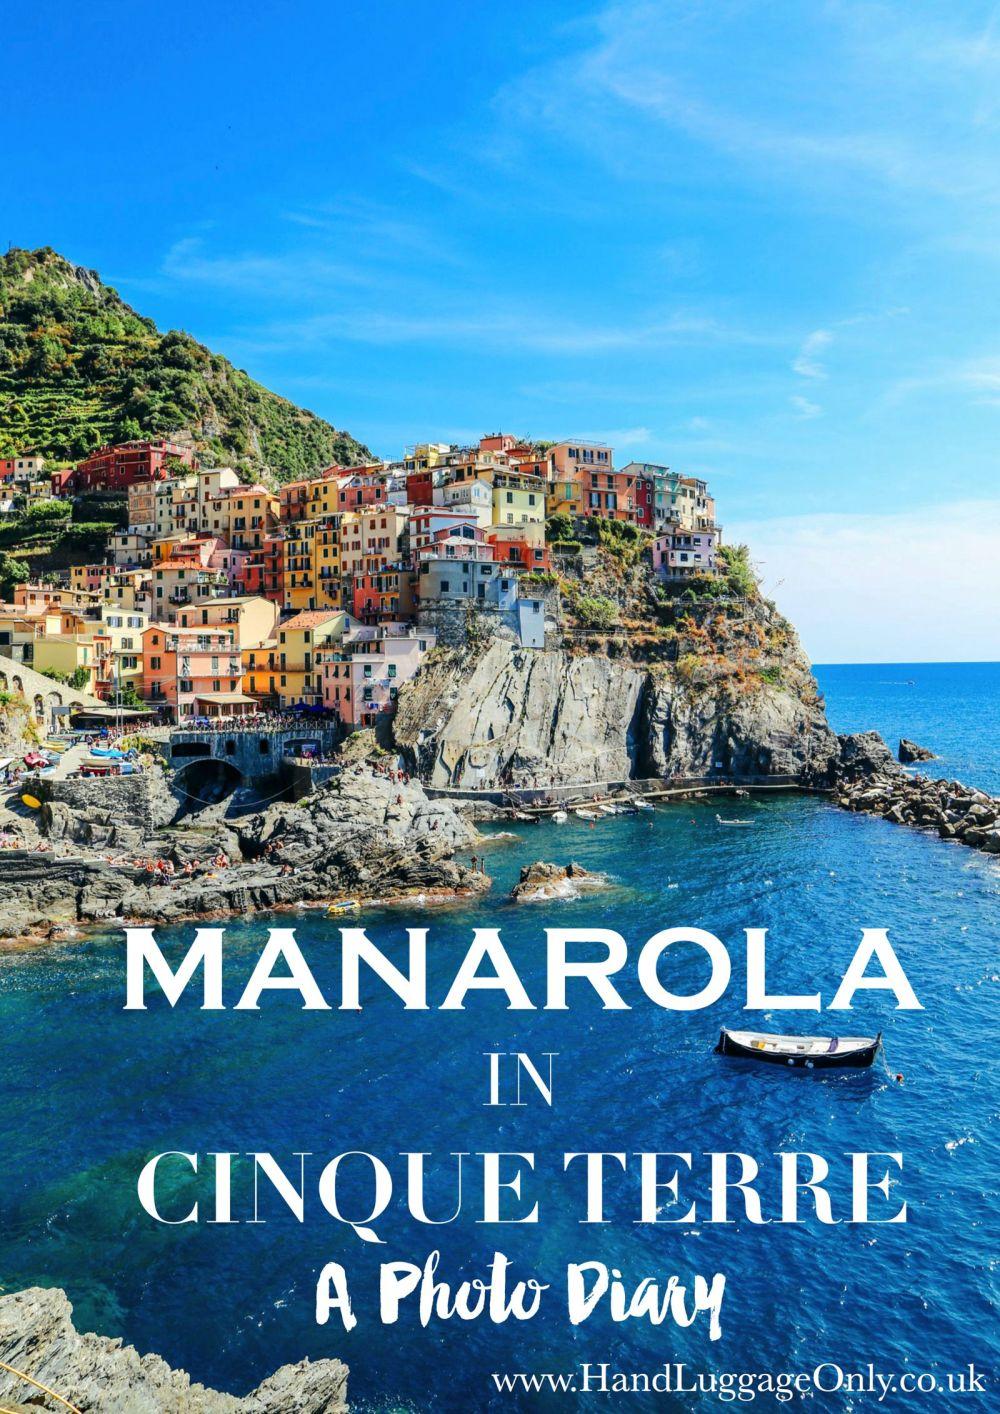 Manarola in Cinque Terre - A Photo Diary